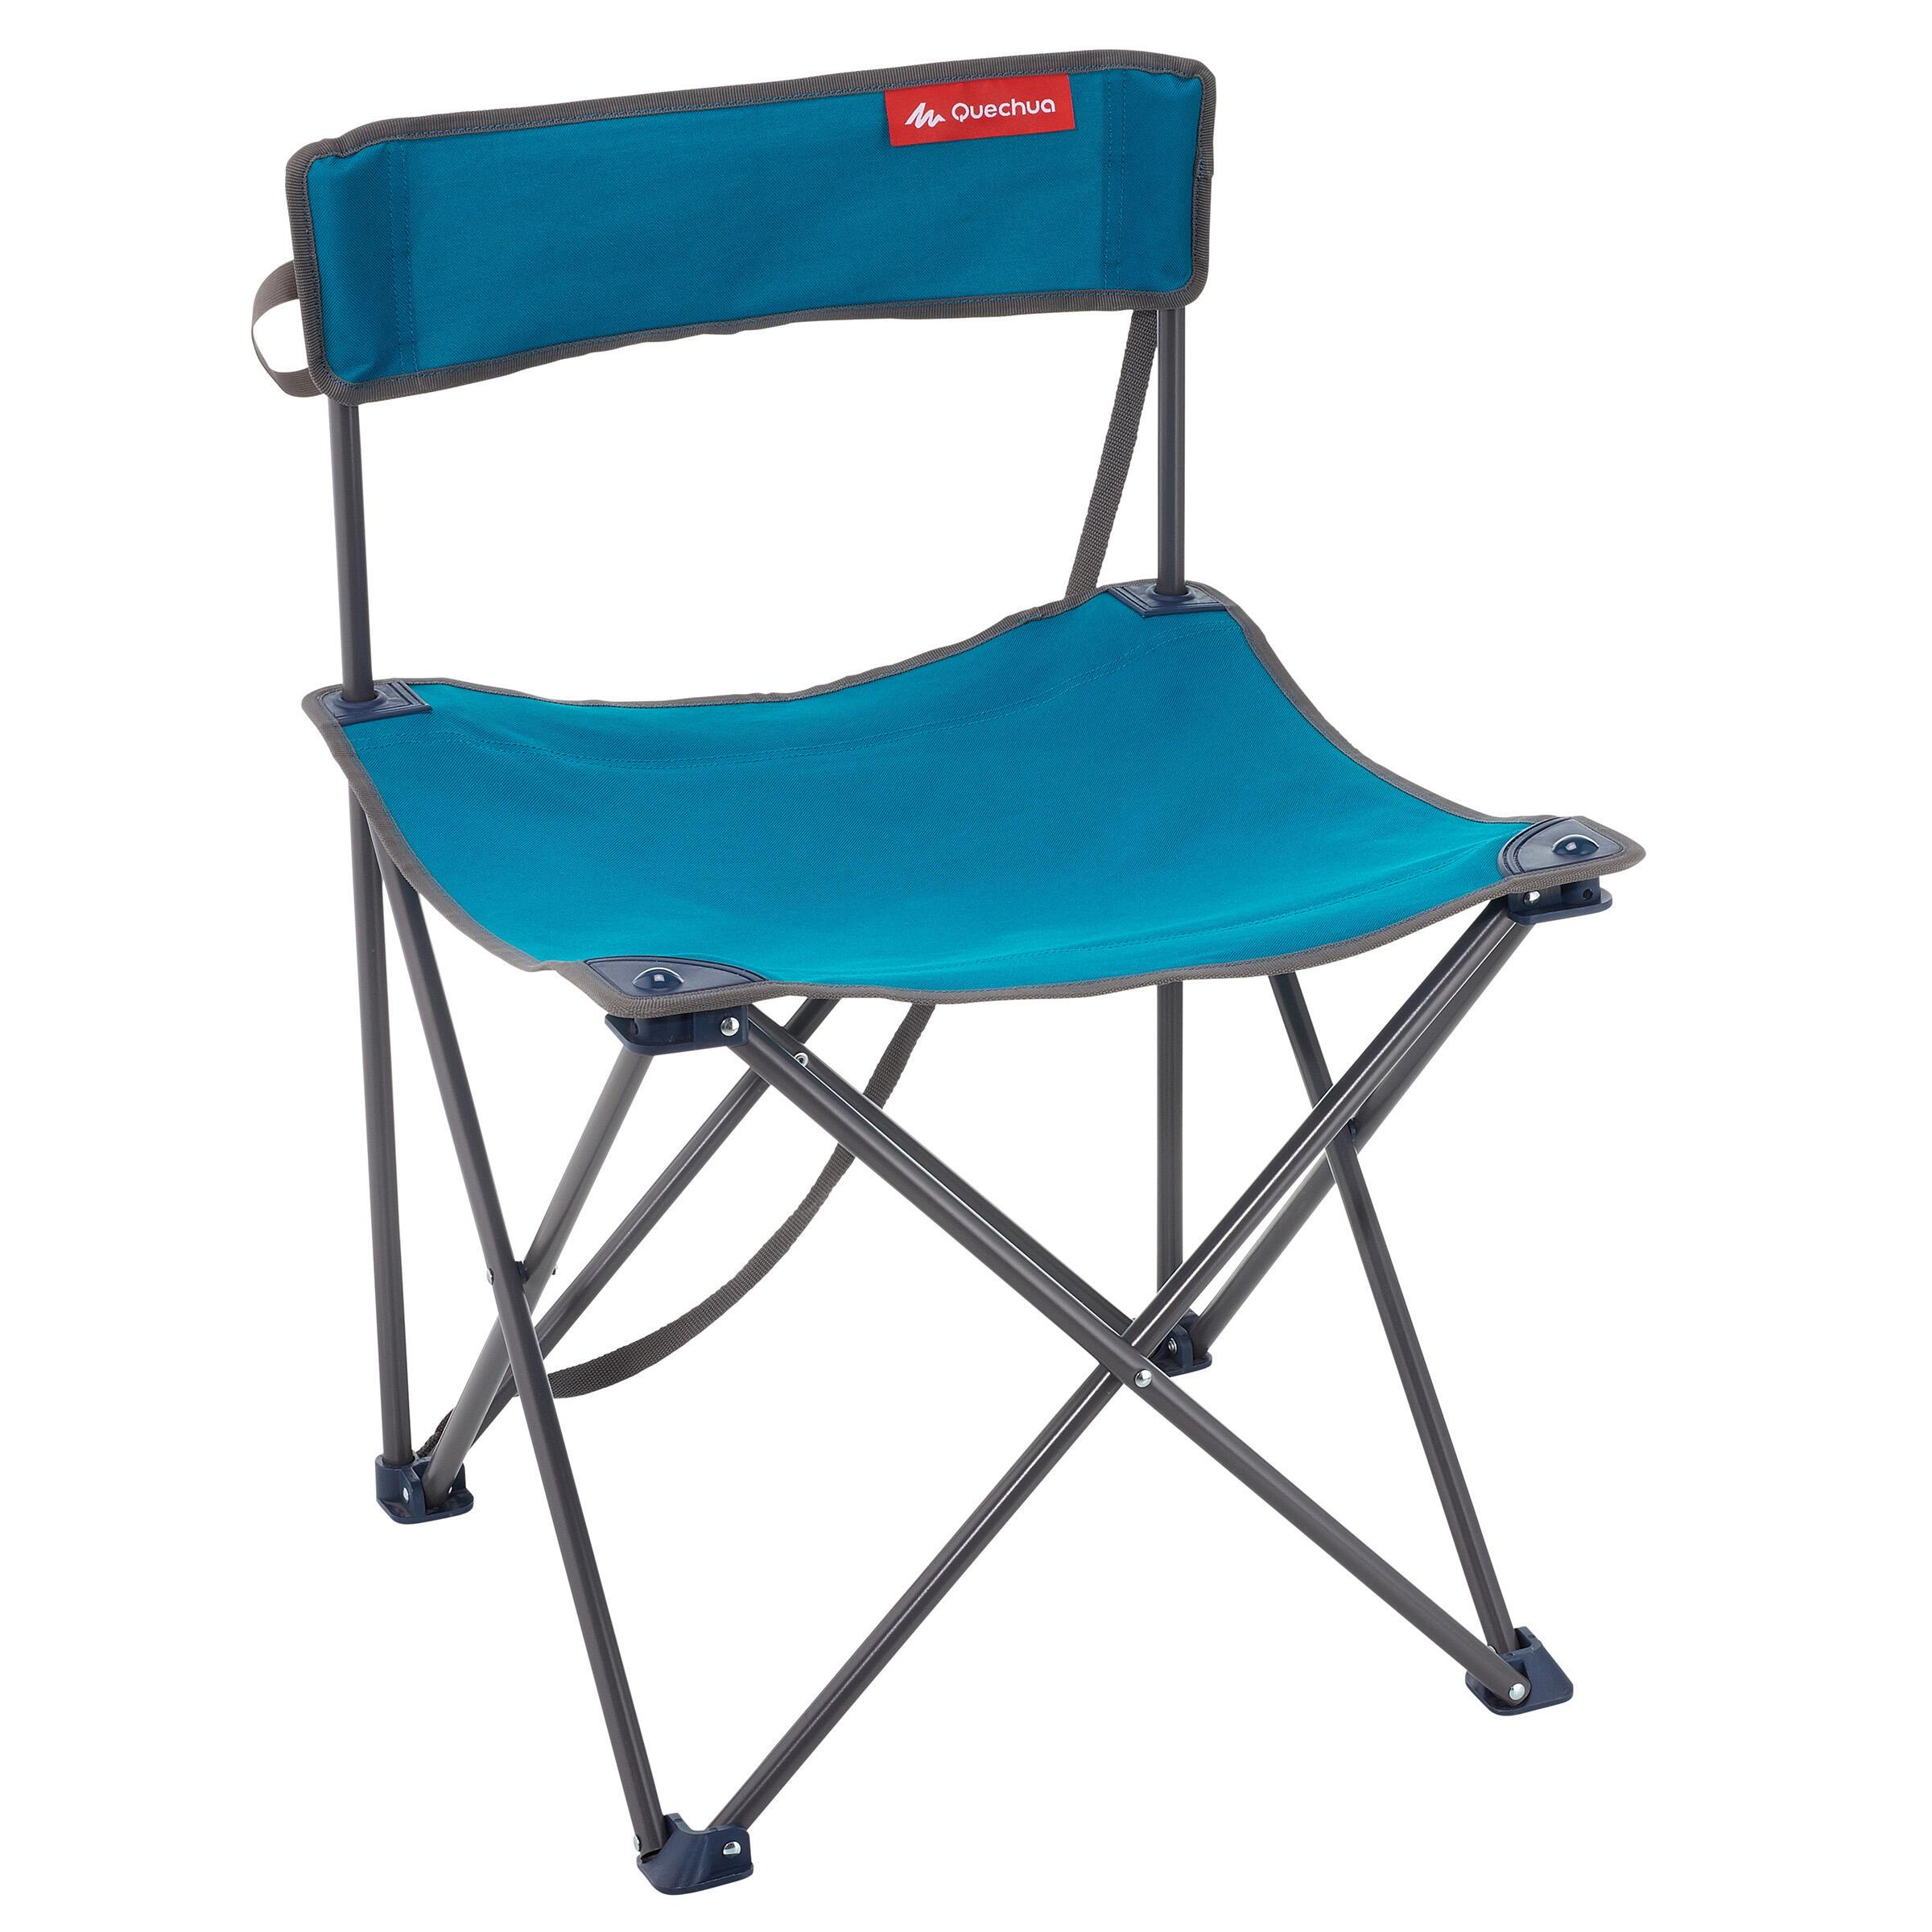 design de qualité fe73c c93a6 Chaises et fauteuils | Camping - Bivouac | Decathlon